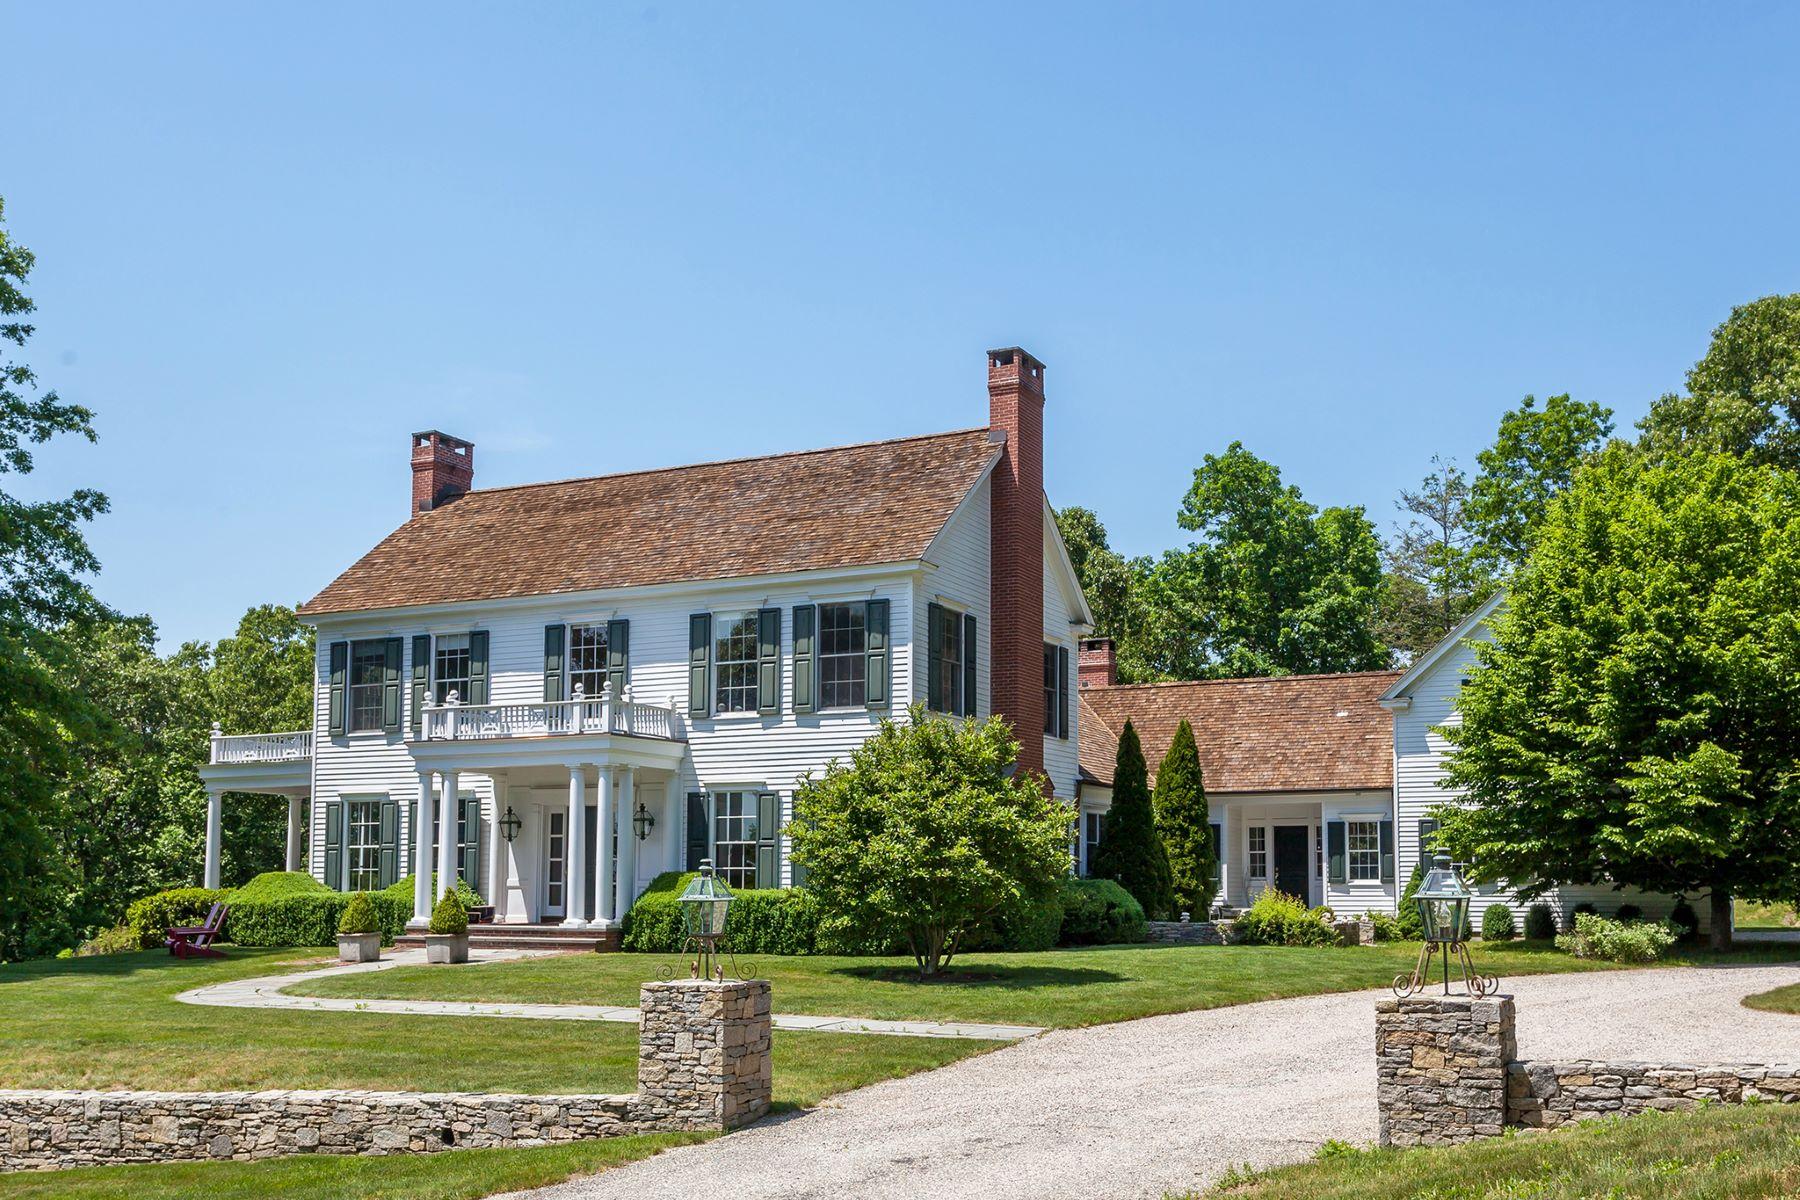 Casa Unifamiliar por un Alquiler en Classically Refined 36 Southbury Road, Roxbury, Connecticut, 06783 Estados Unidos